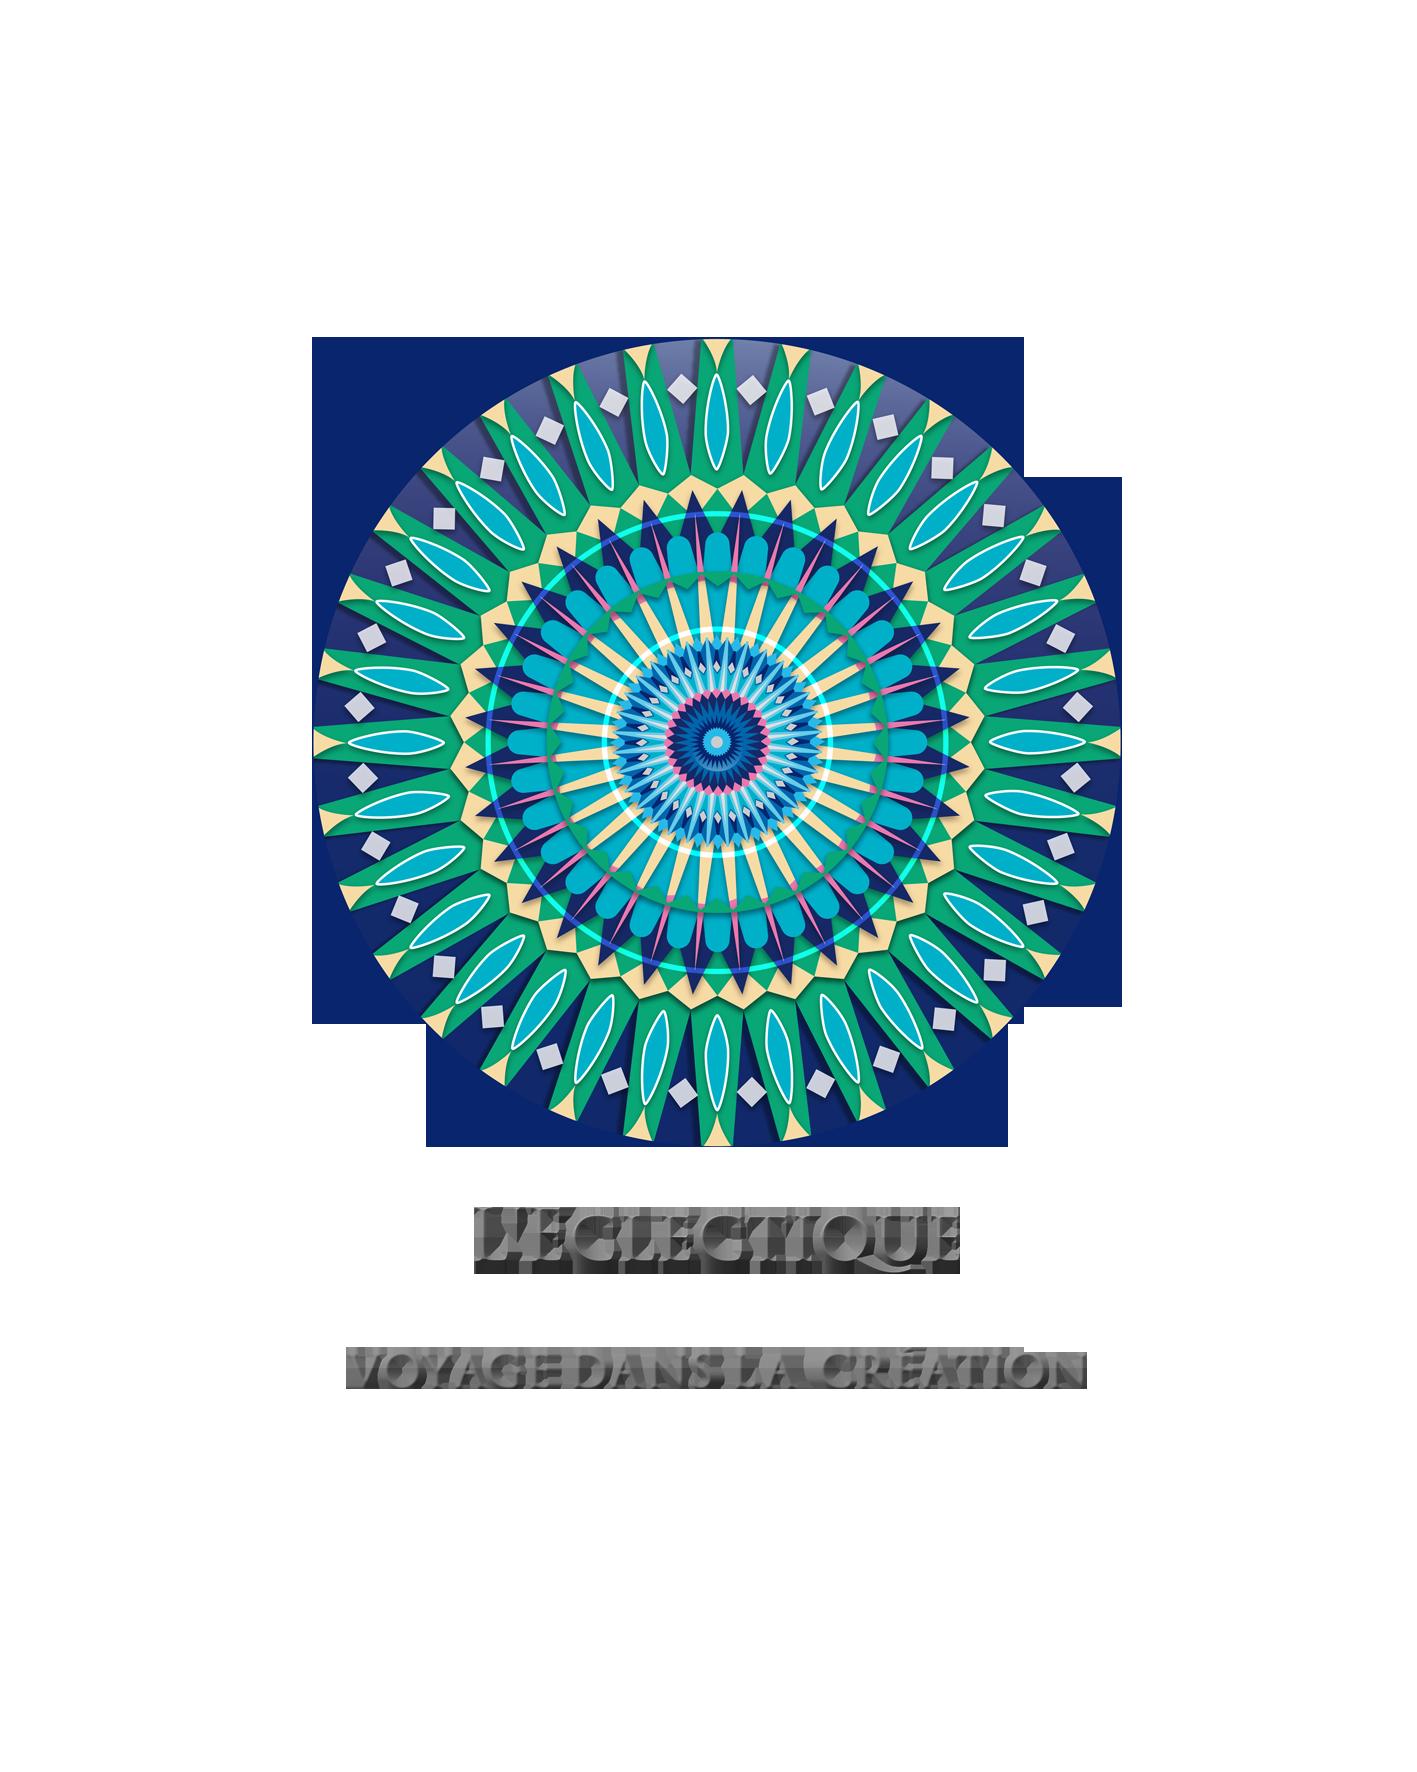 L'Eclectique Magazine - Voyage dans la Création